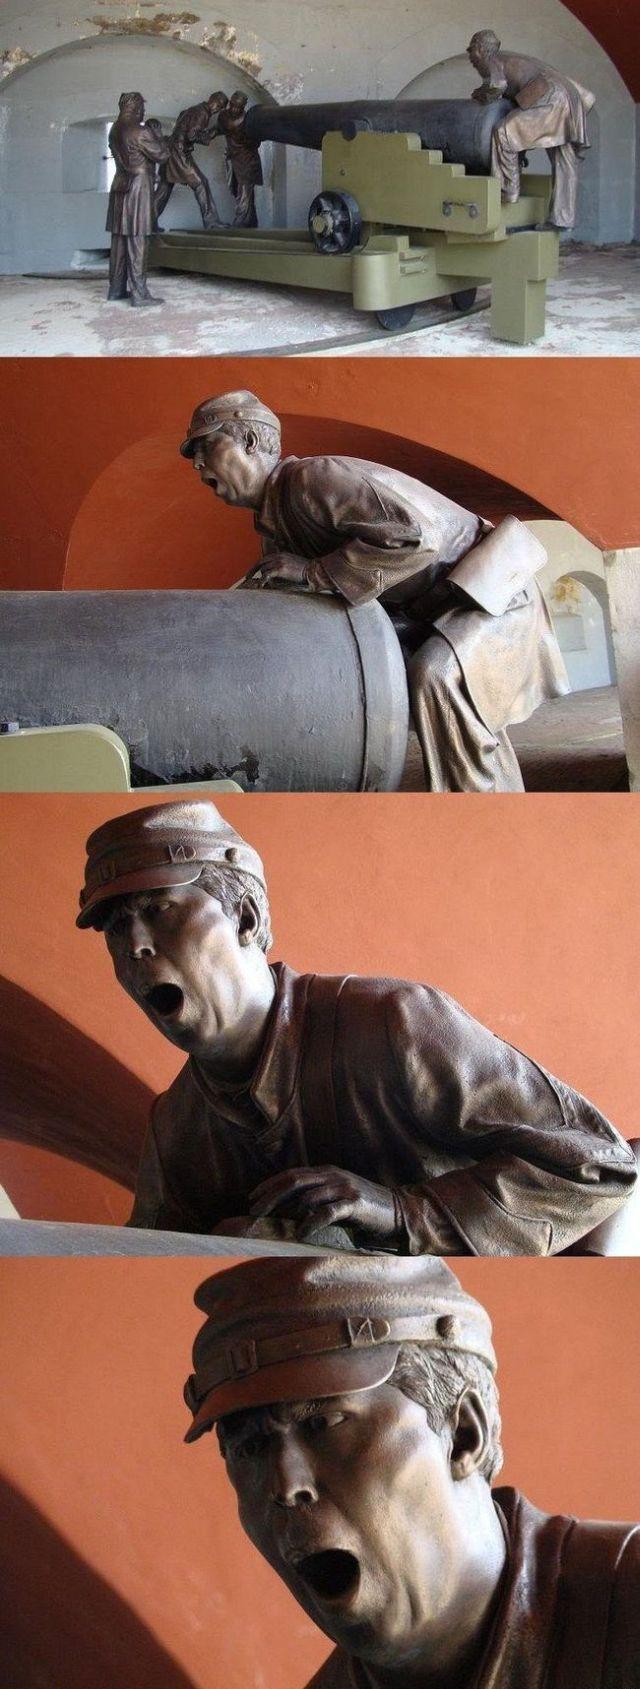 Прикольные фото выражение лица, изваяние, литье, пушка, скульптура